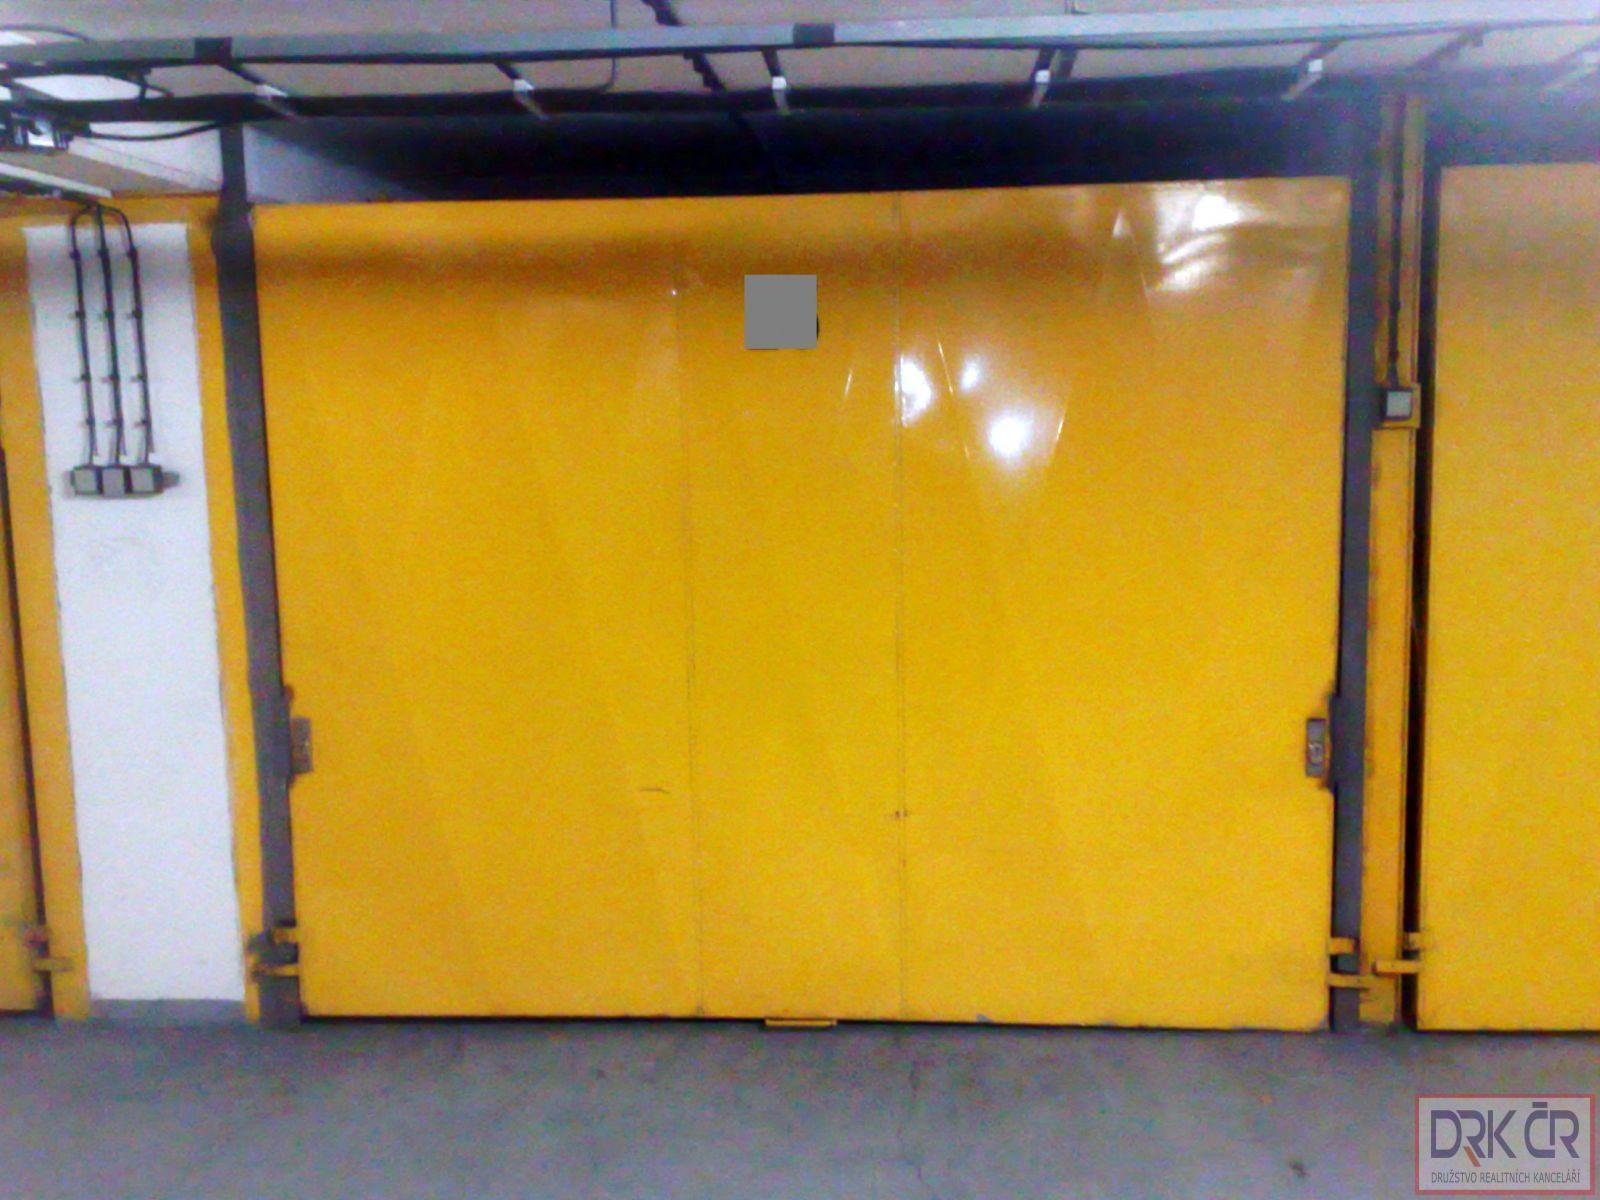 ID-Samostatna zděna garáž, 20m2, 2.800 Kč, v Praze 6 - Řepích II, neplatíte provizi.